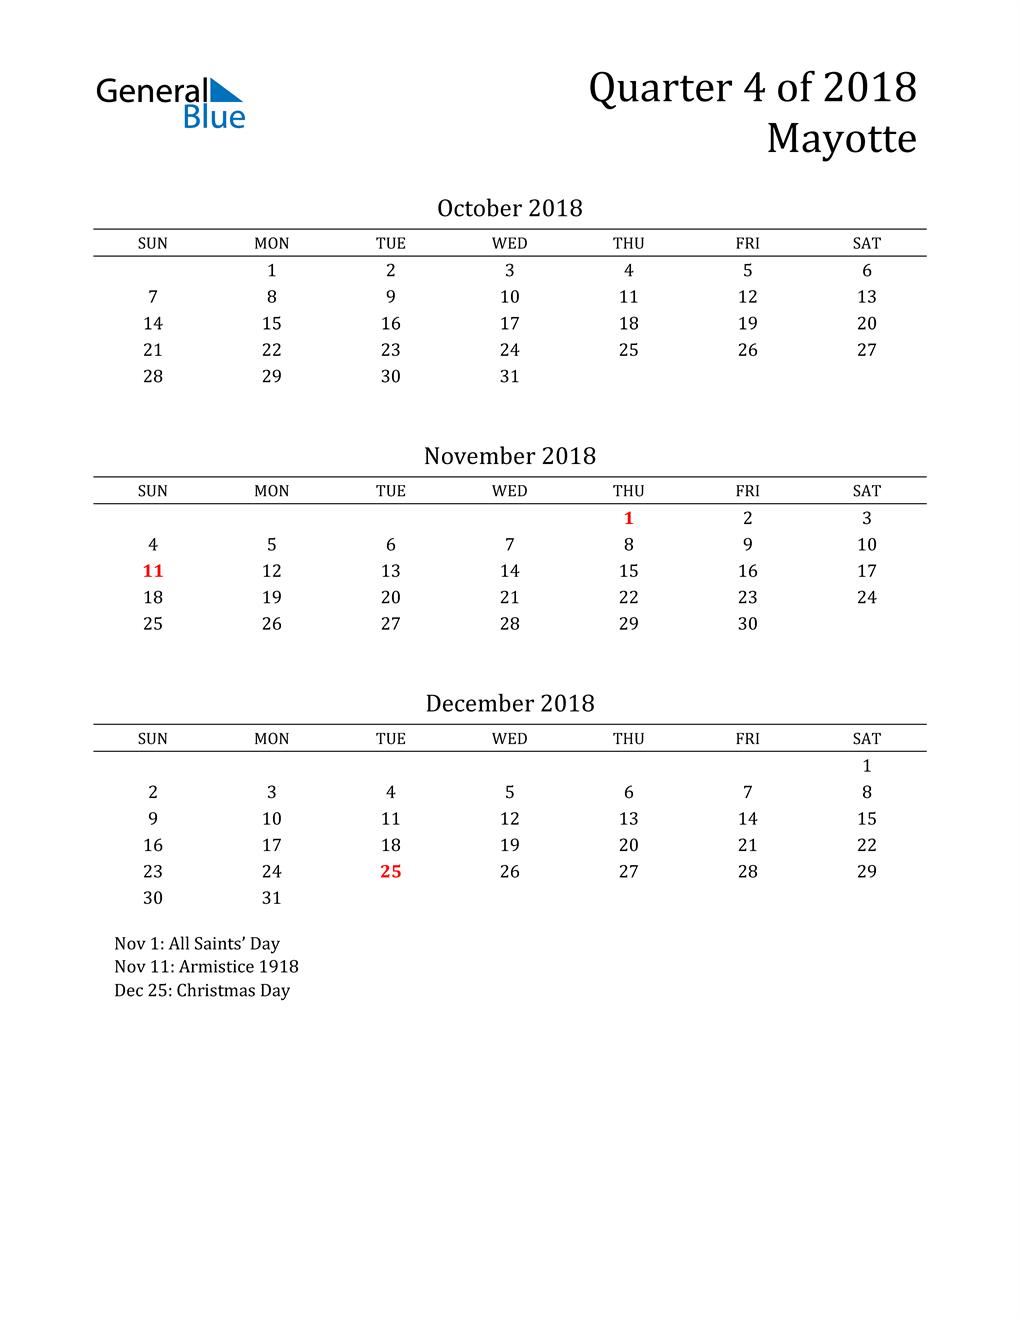 2018 Mayotte Quarterly Calendar